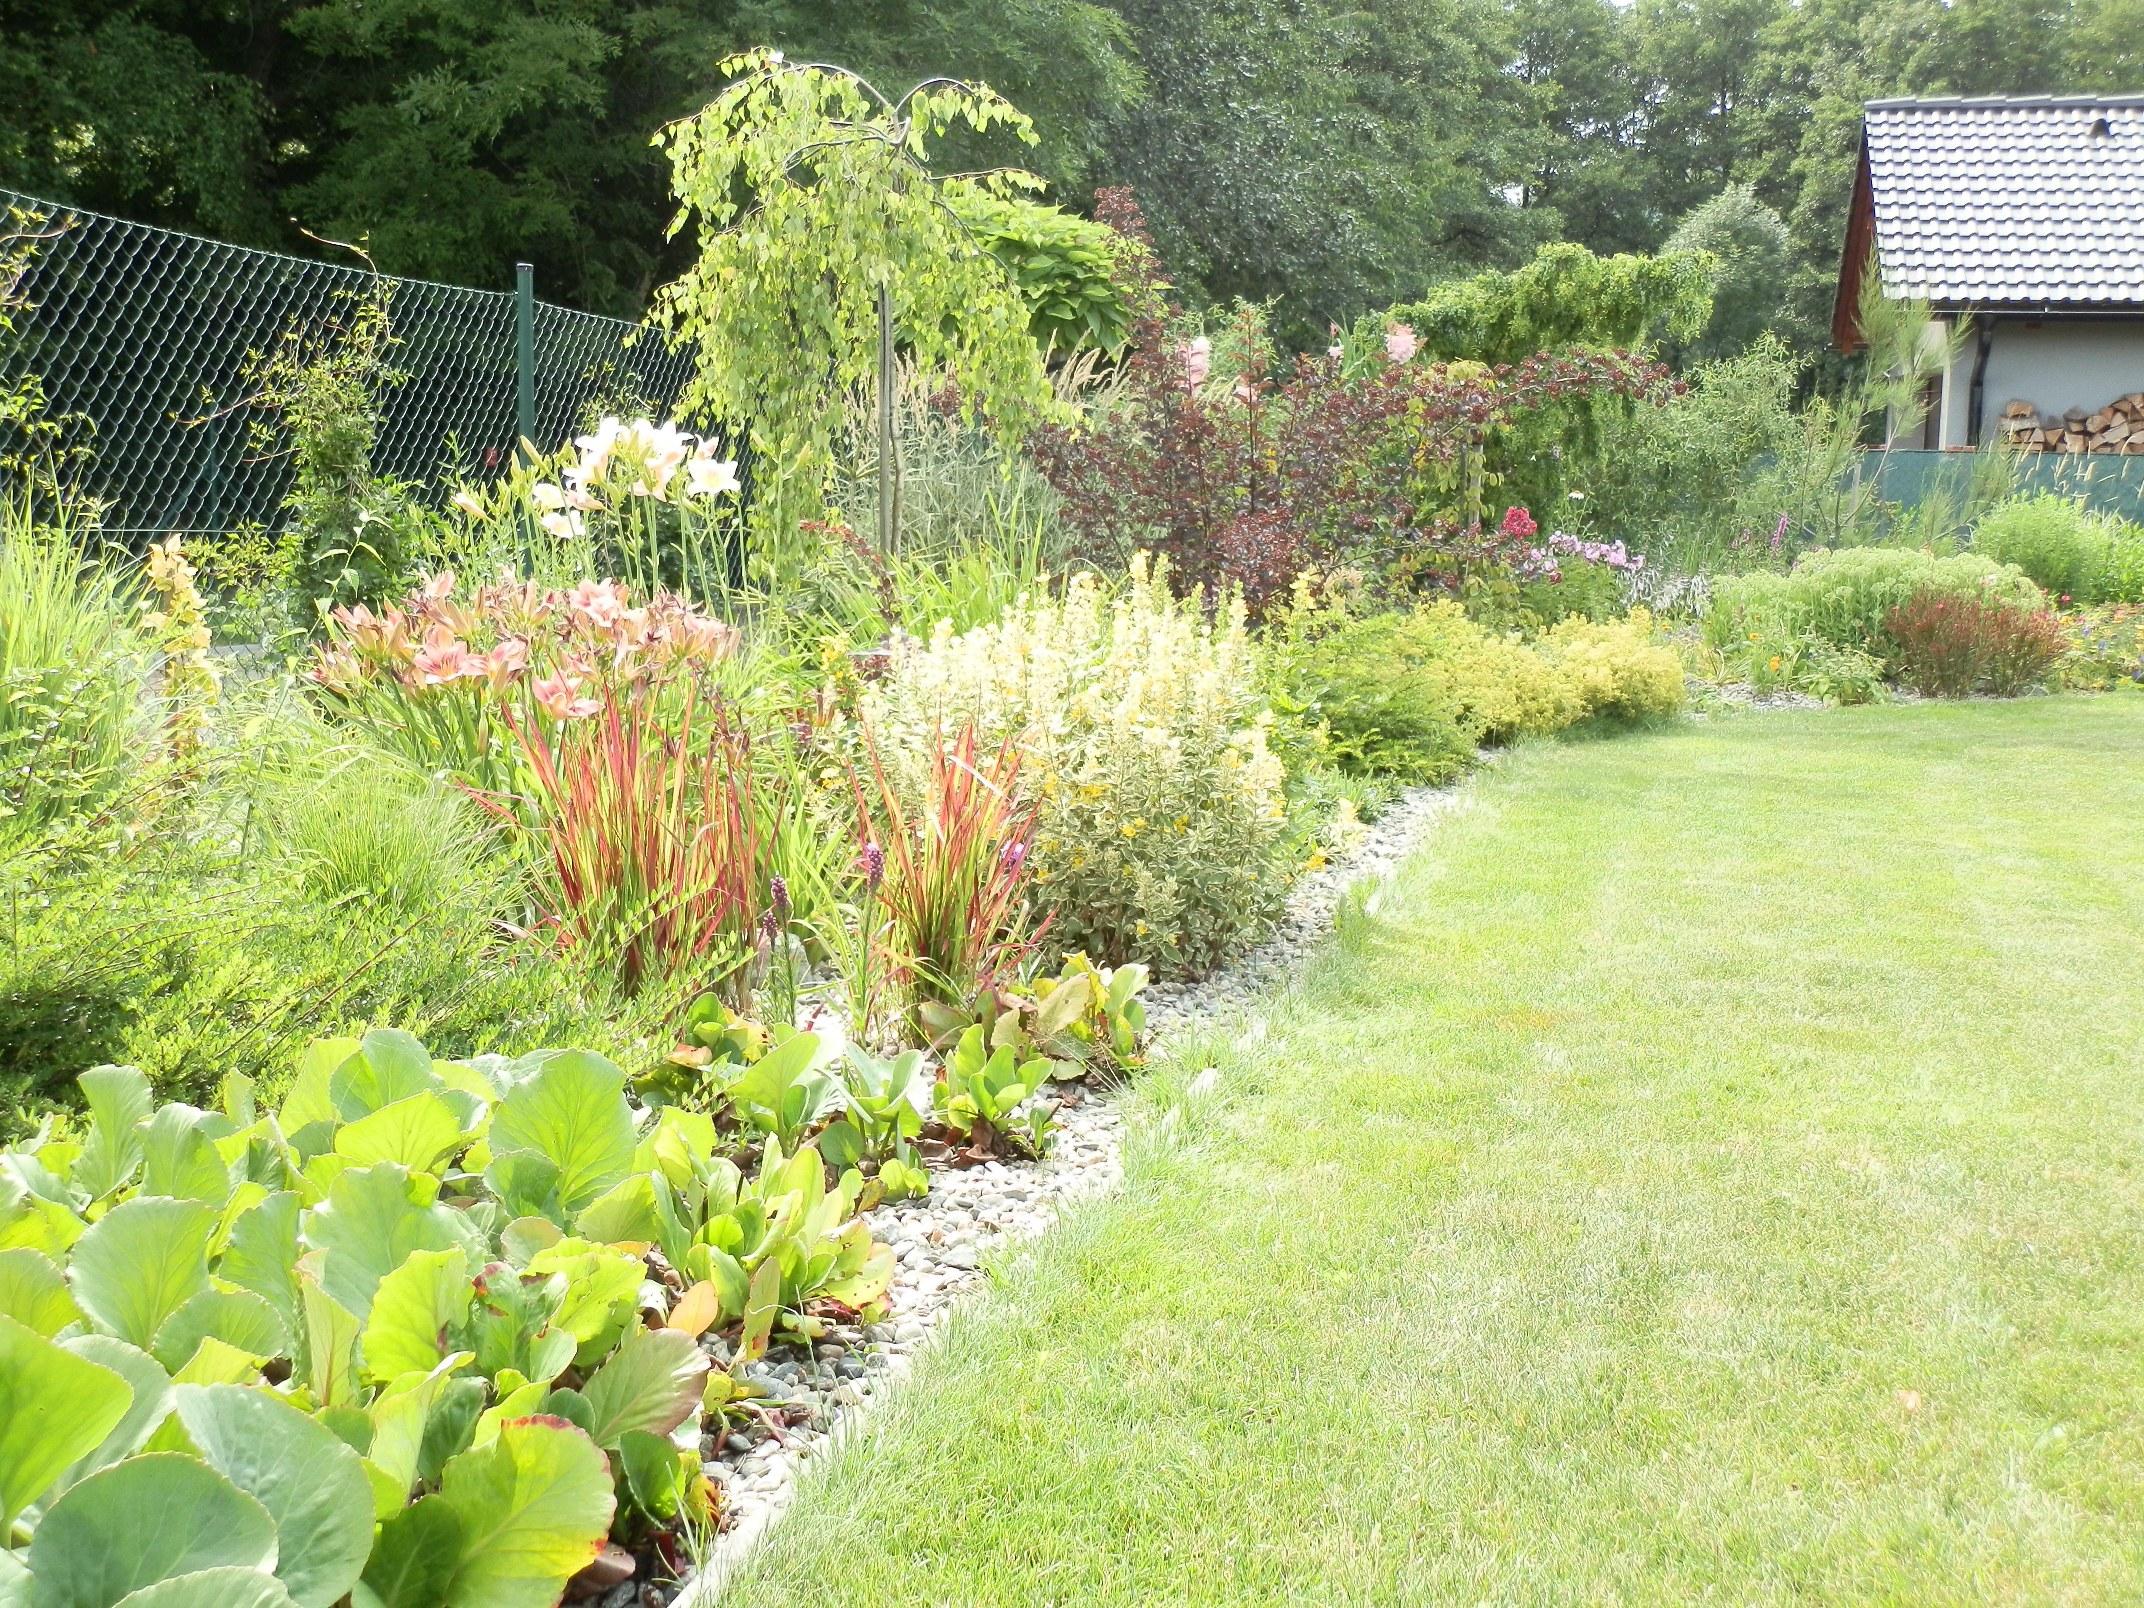 Výhled na nejníže položený kout naší zahrady. Dlouho jsem přemýšlela, jak zde vyřešit věčně podmáčenou půdu po velkých deštích. Nakonec se povedlo a jedním z opatření byla právě vyvýšená výsadba .-)